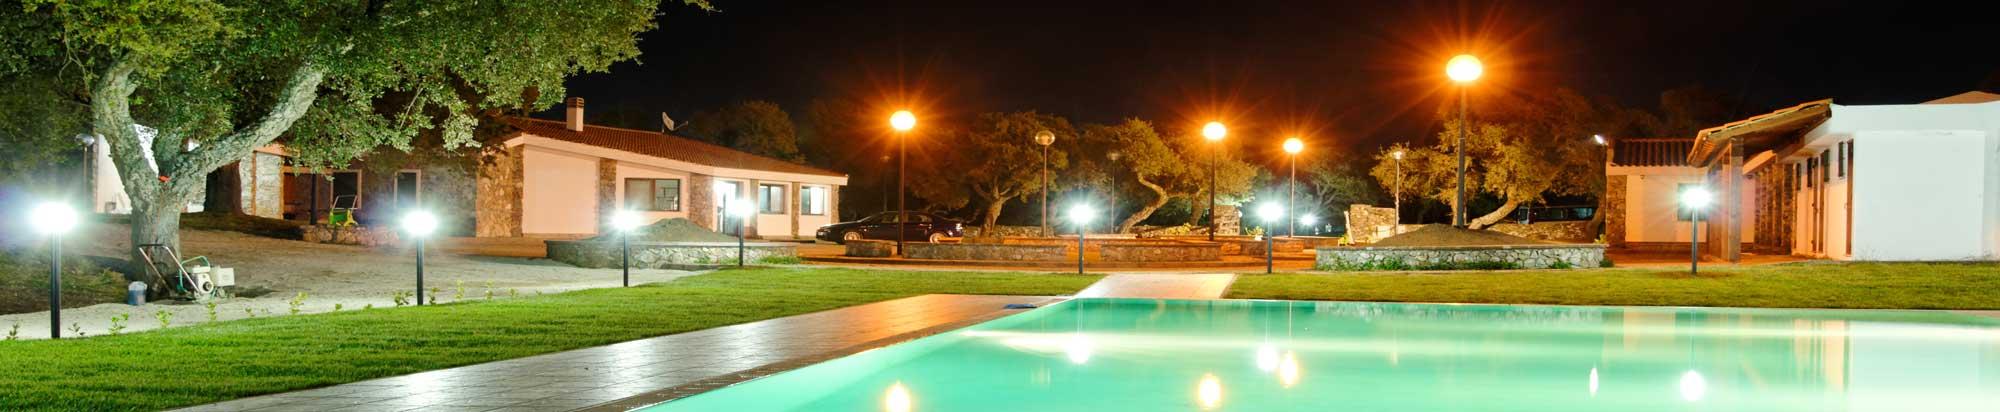 Hotel Monte Pirastru - Slide3